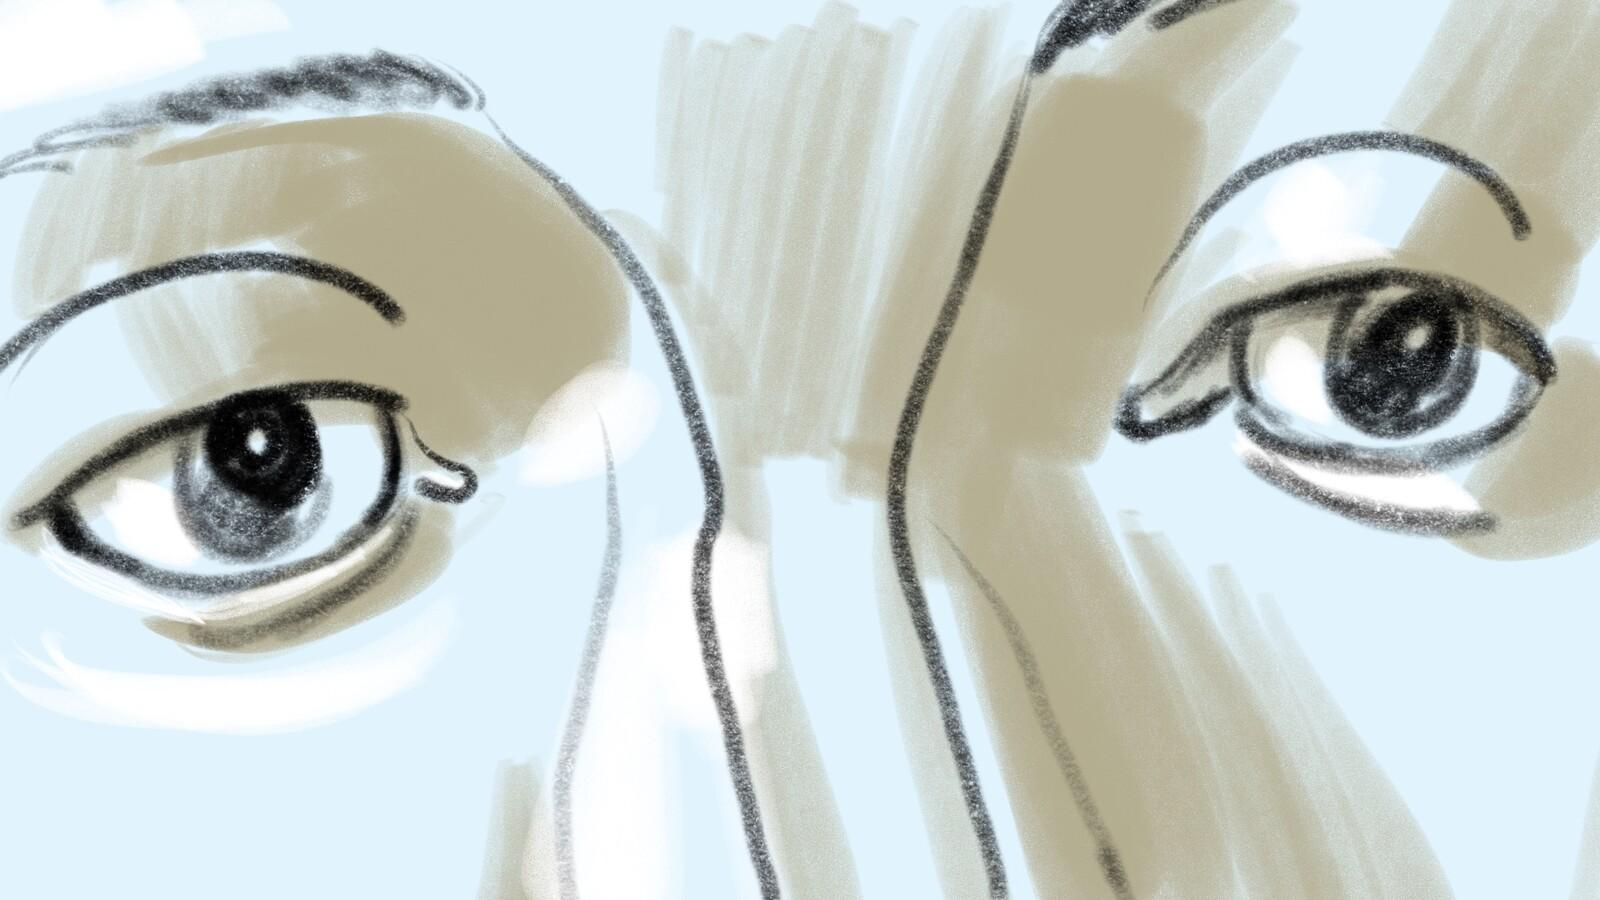 FRAME #10-ECU-Med-Floating: Coverage shot: ECU on Nick's eyes.